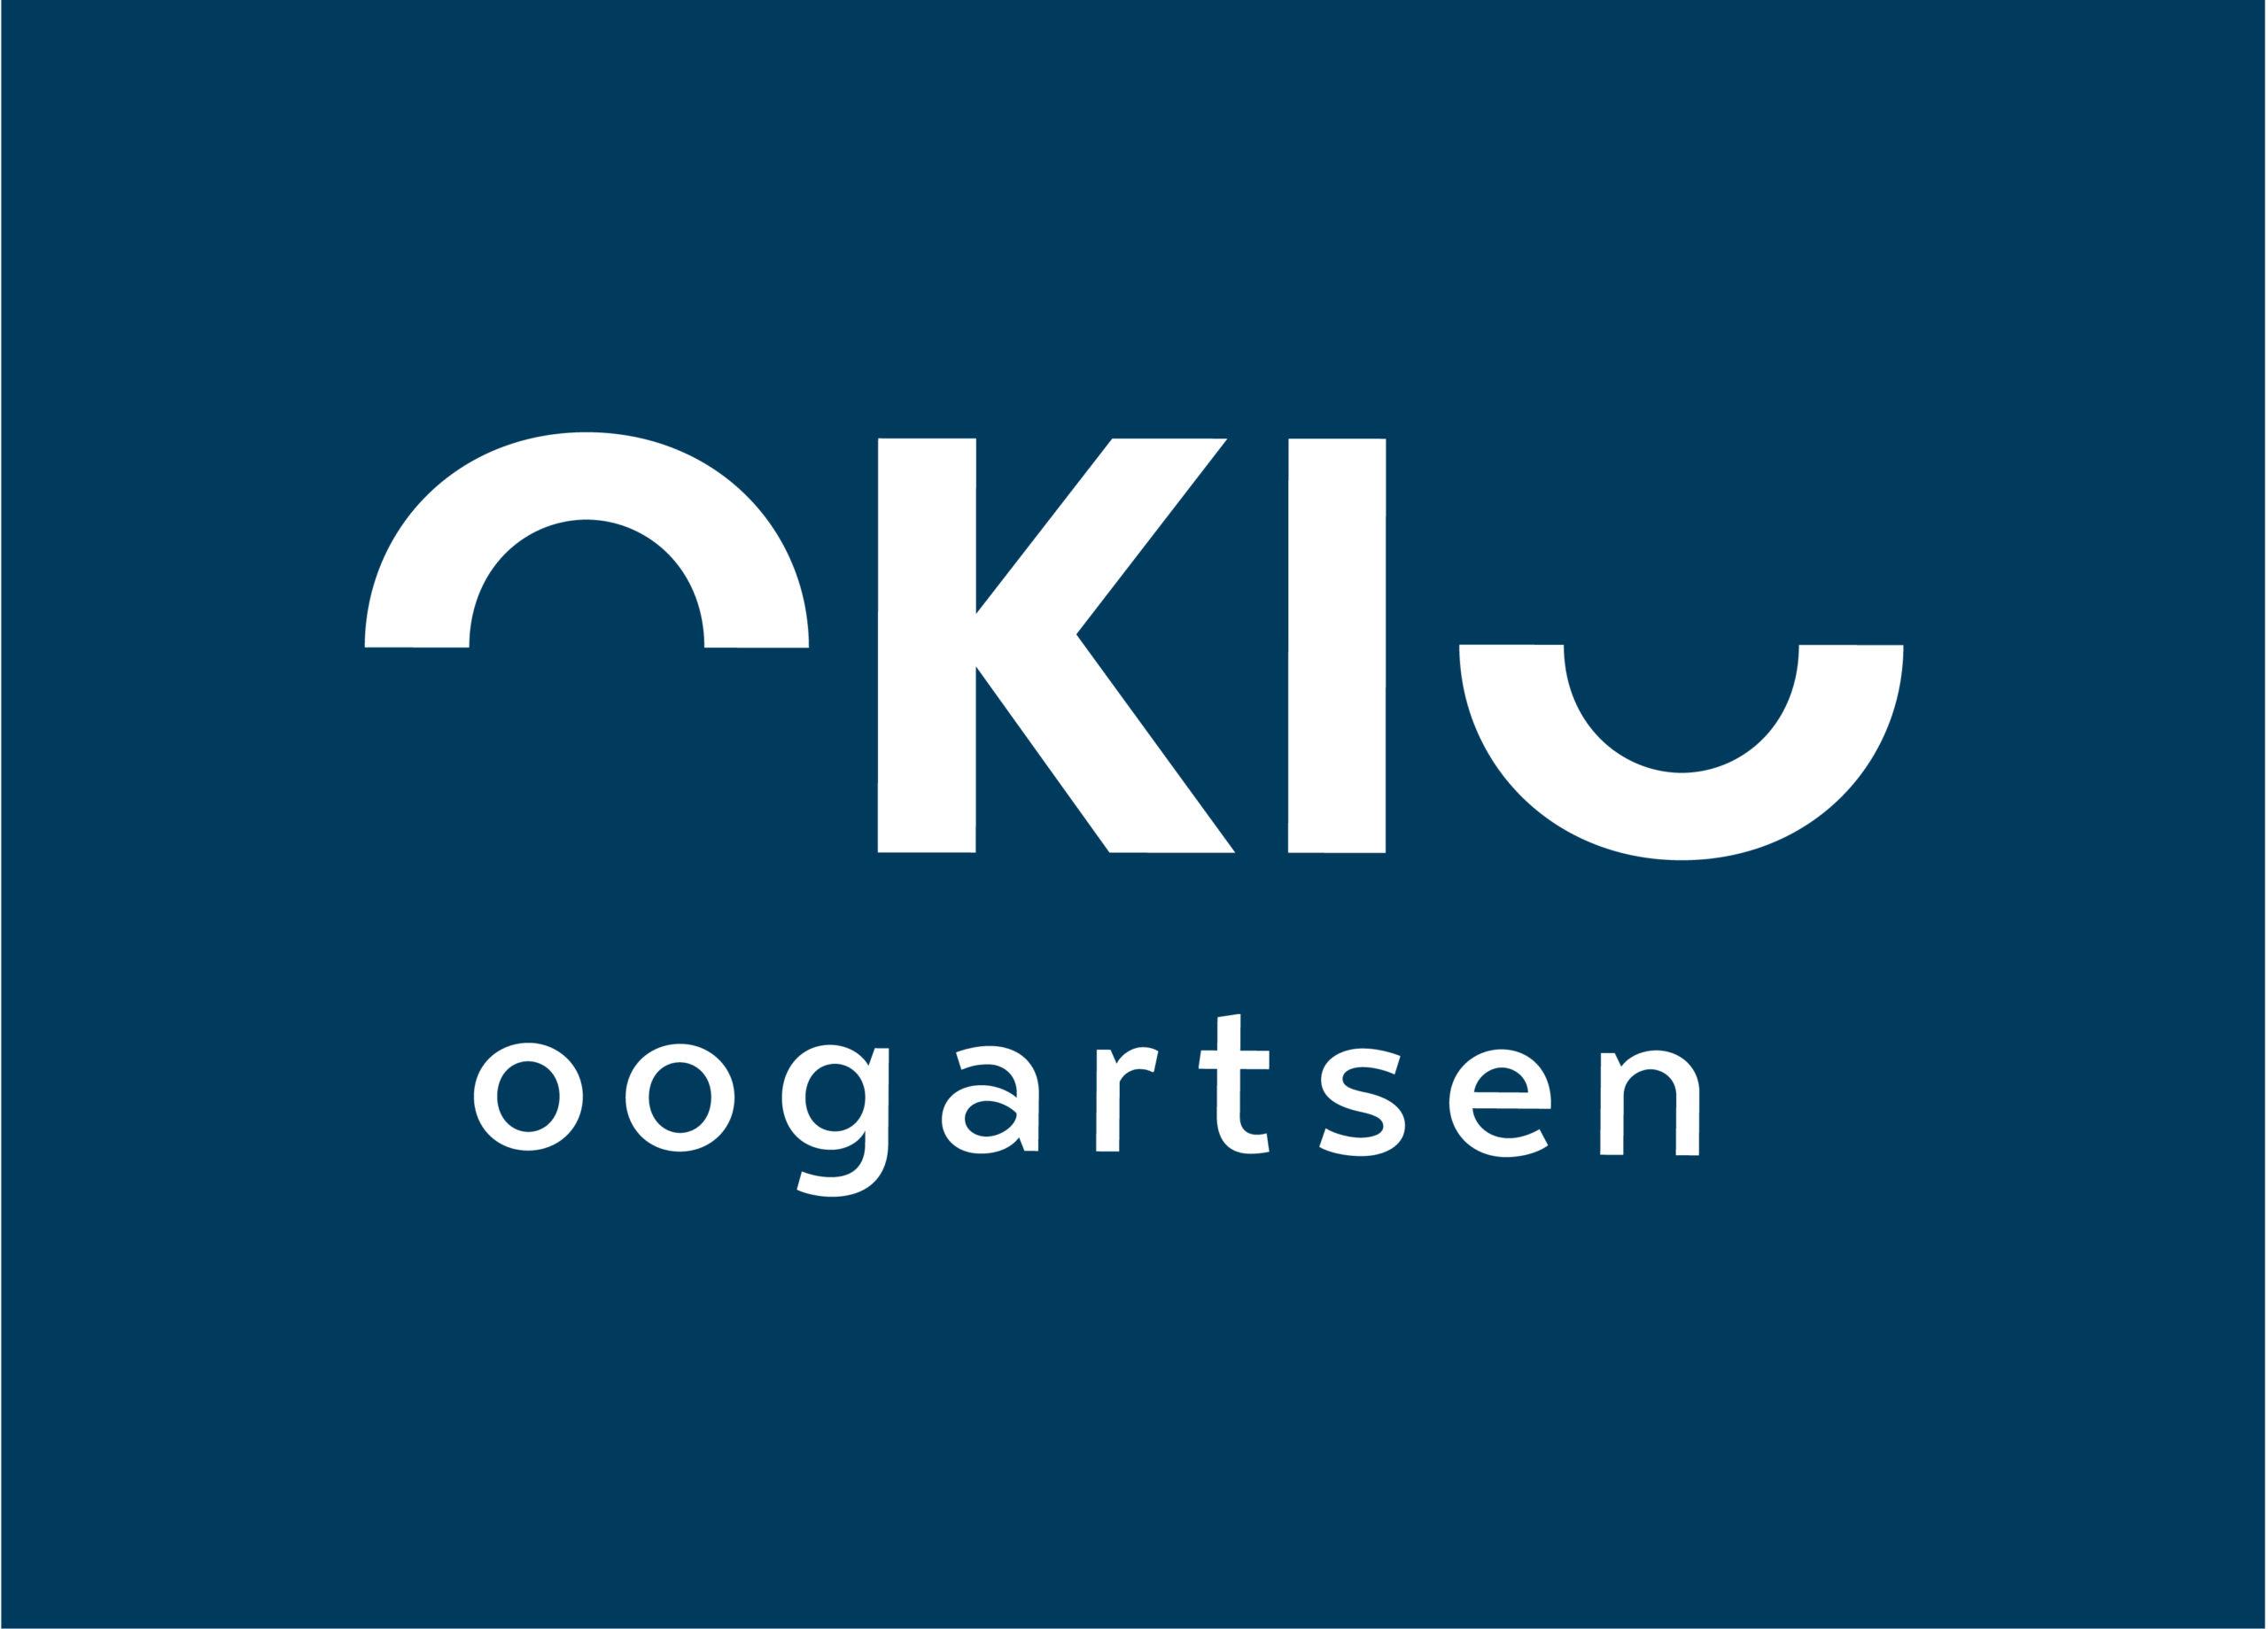 Okio logo